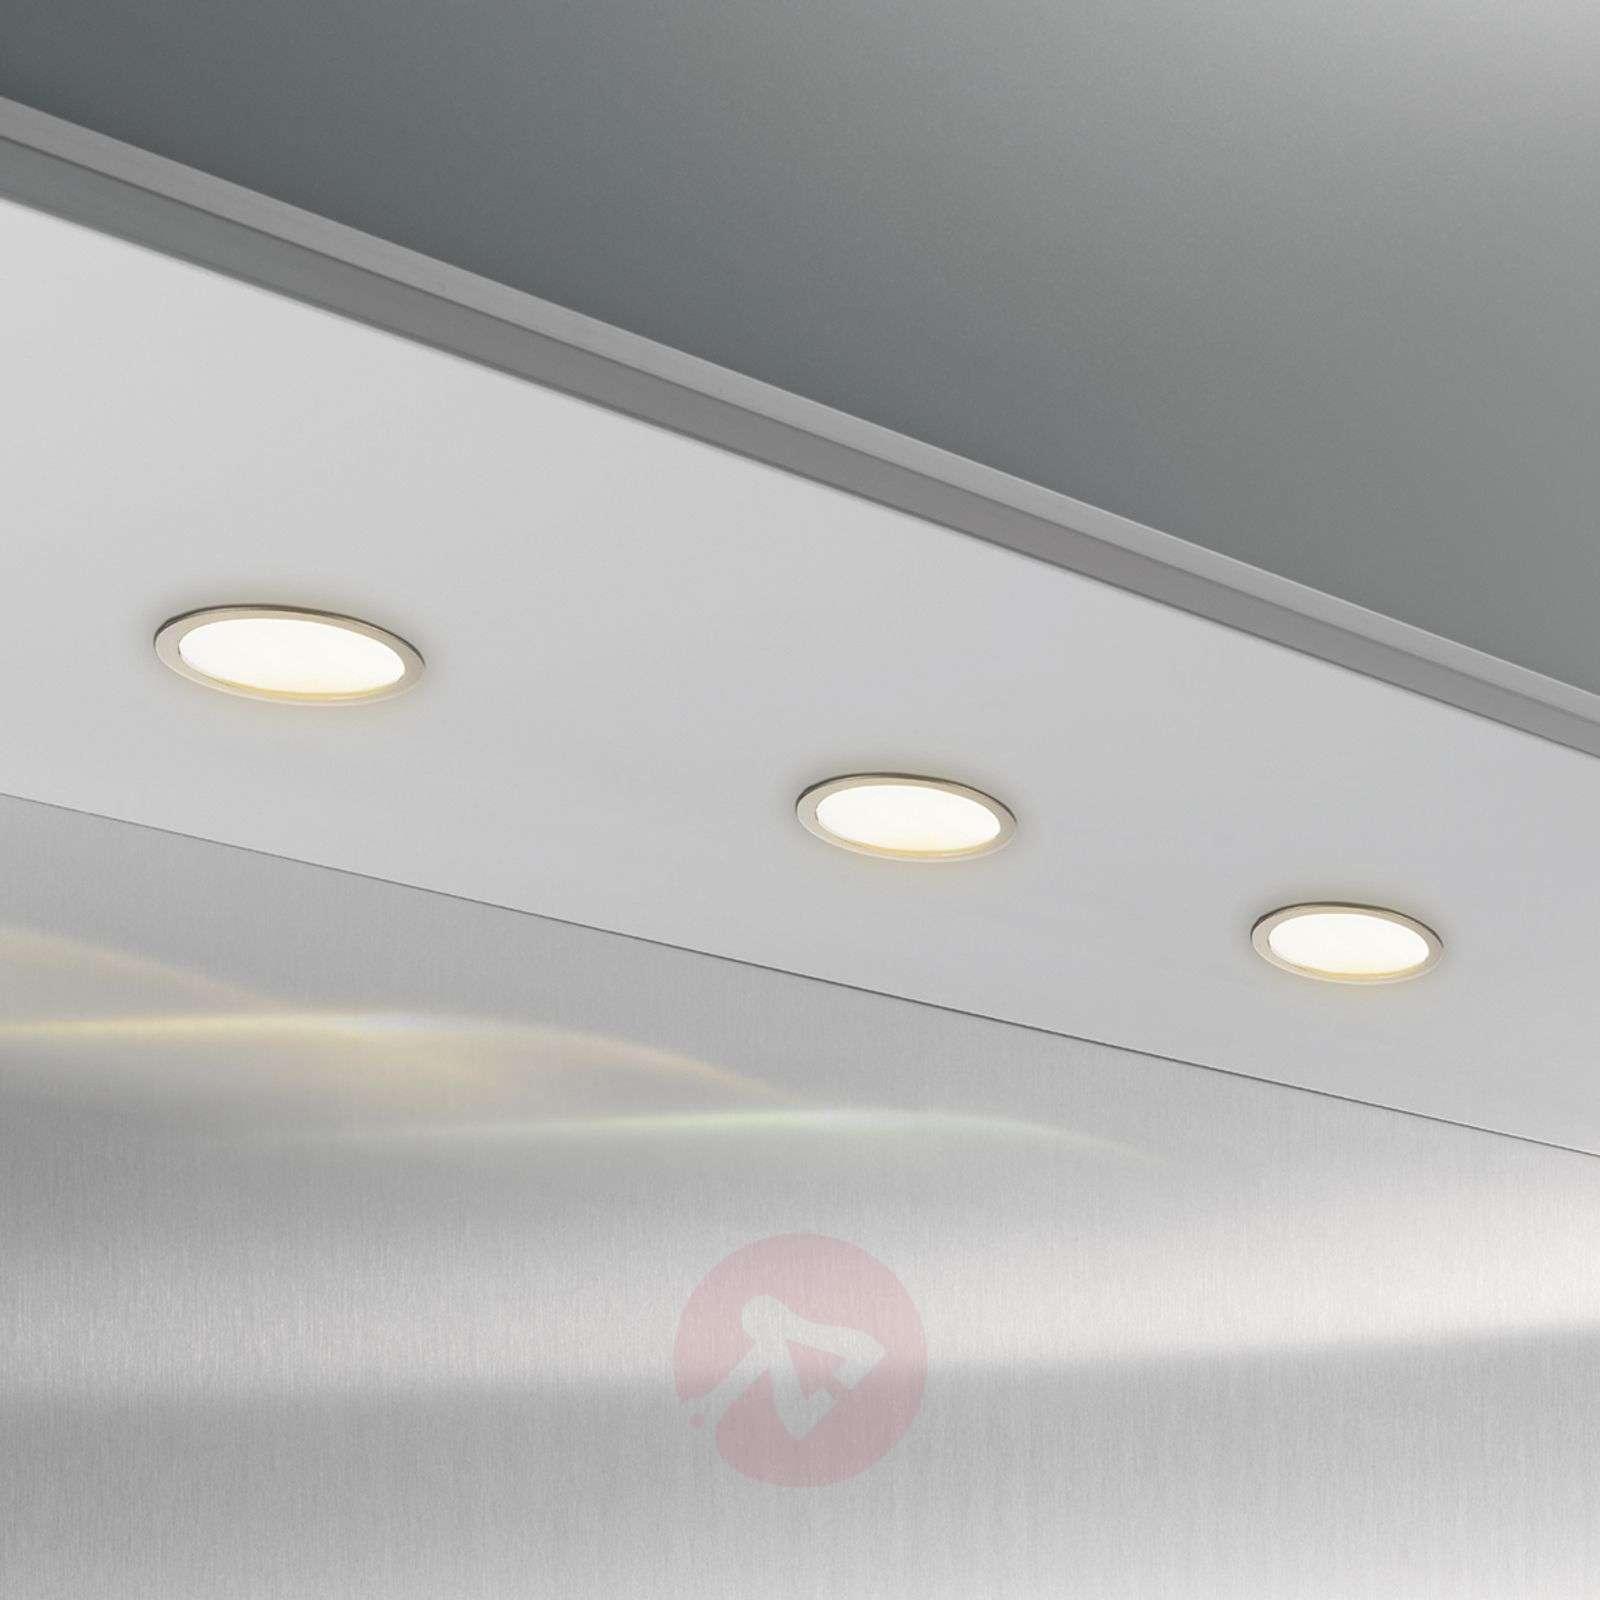 Cubic 68-LED-upotusvalo, lämmin valk., 3 kpl setti-3025218-01